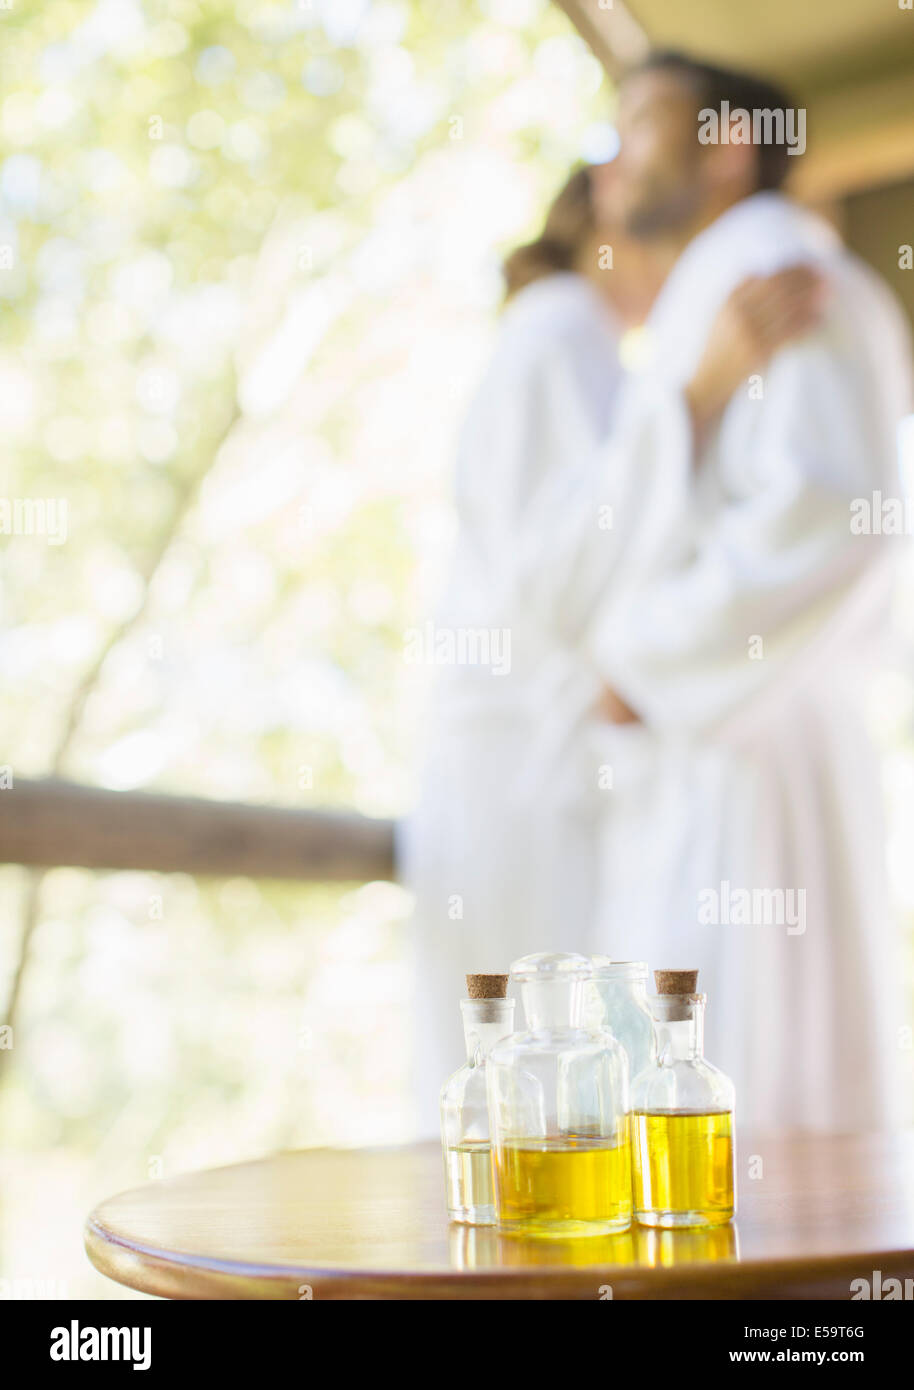 Bottiglie di olio per massaggi sul lato tavolo Immagini Stock